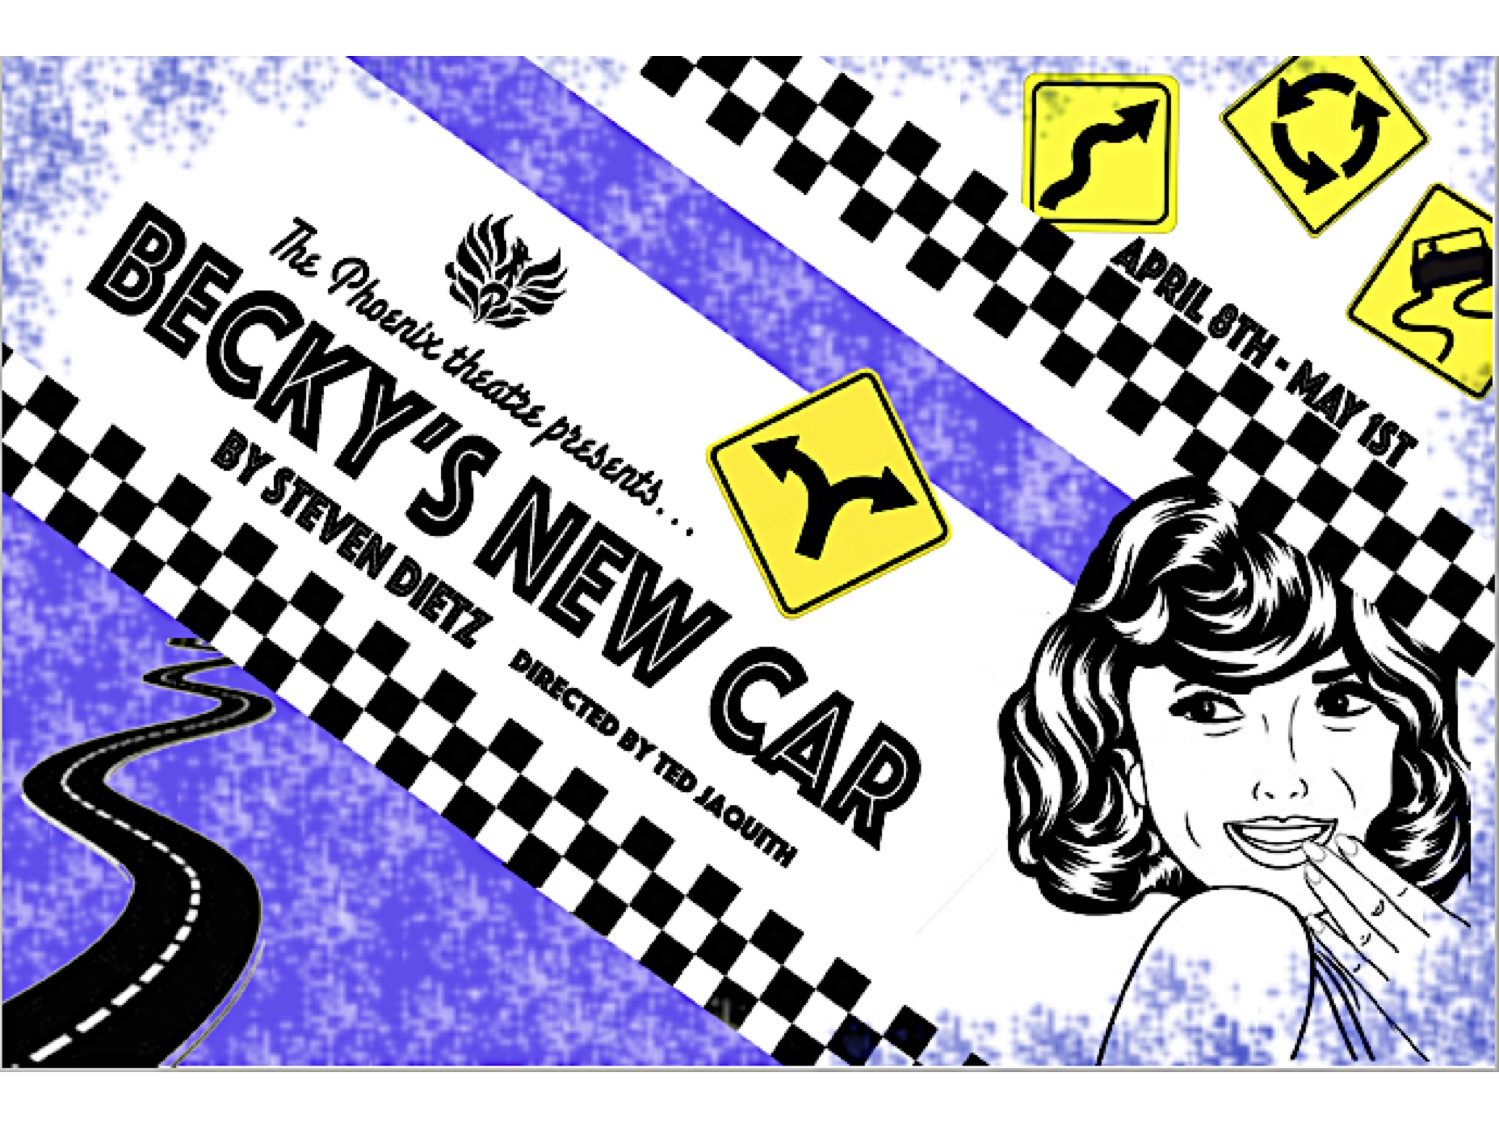 1 BeckyS New Car jPeg